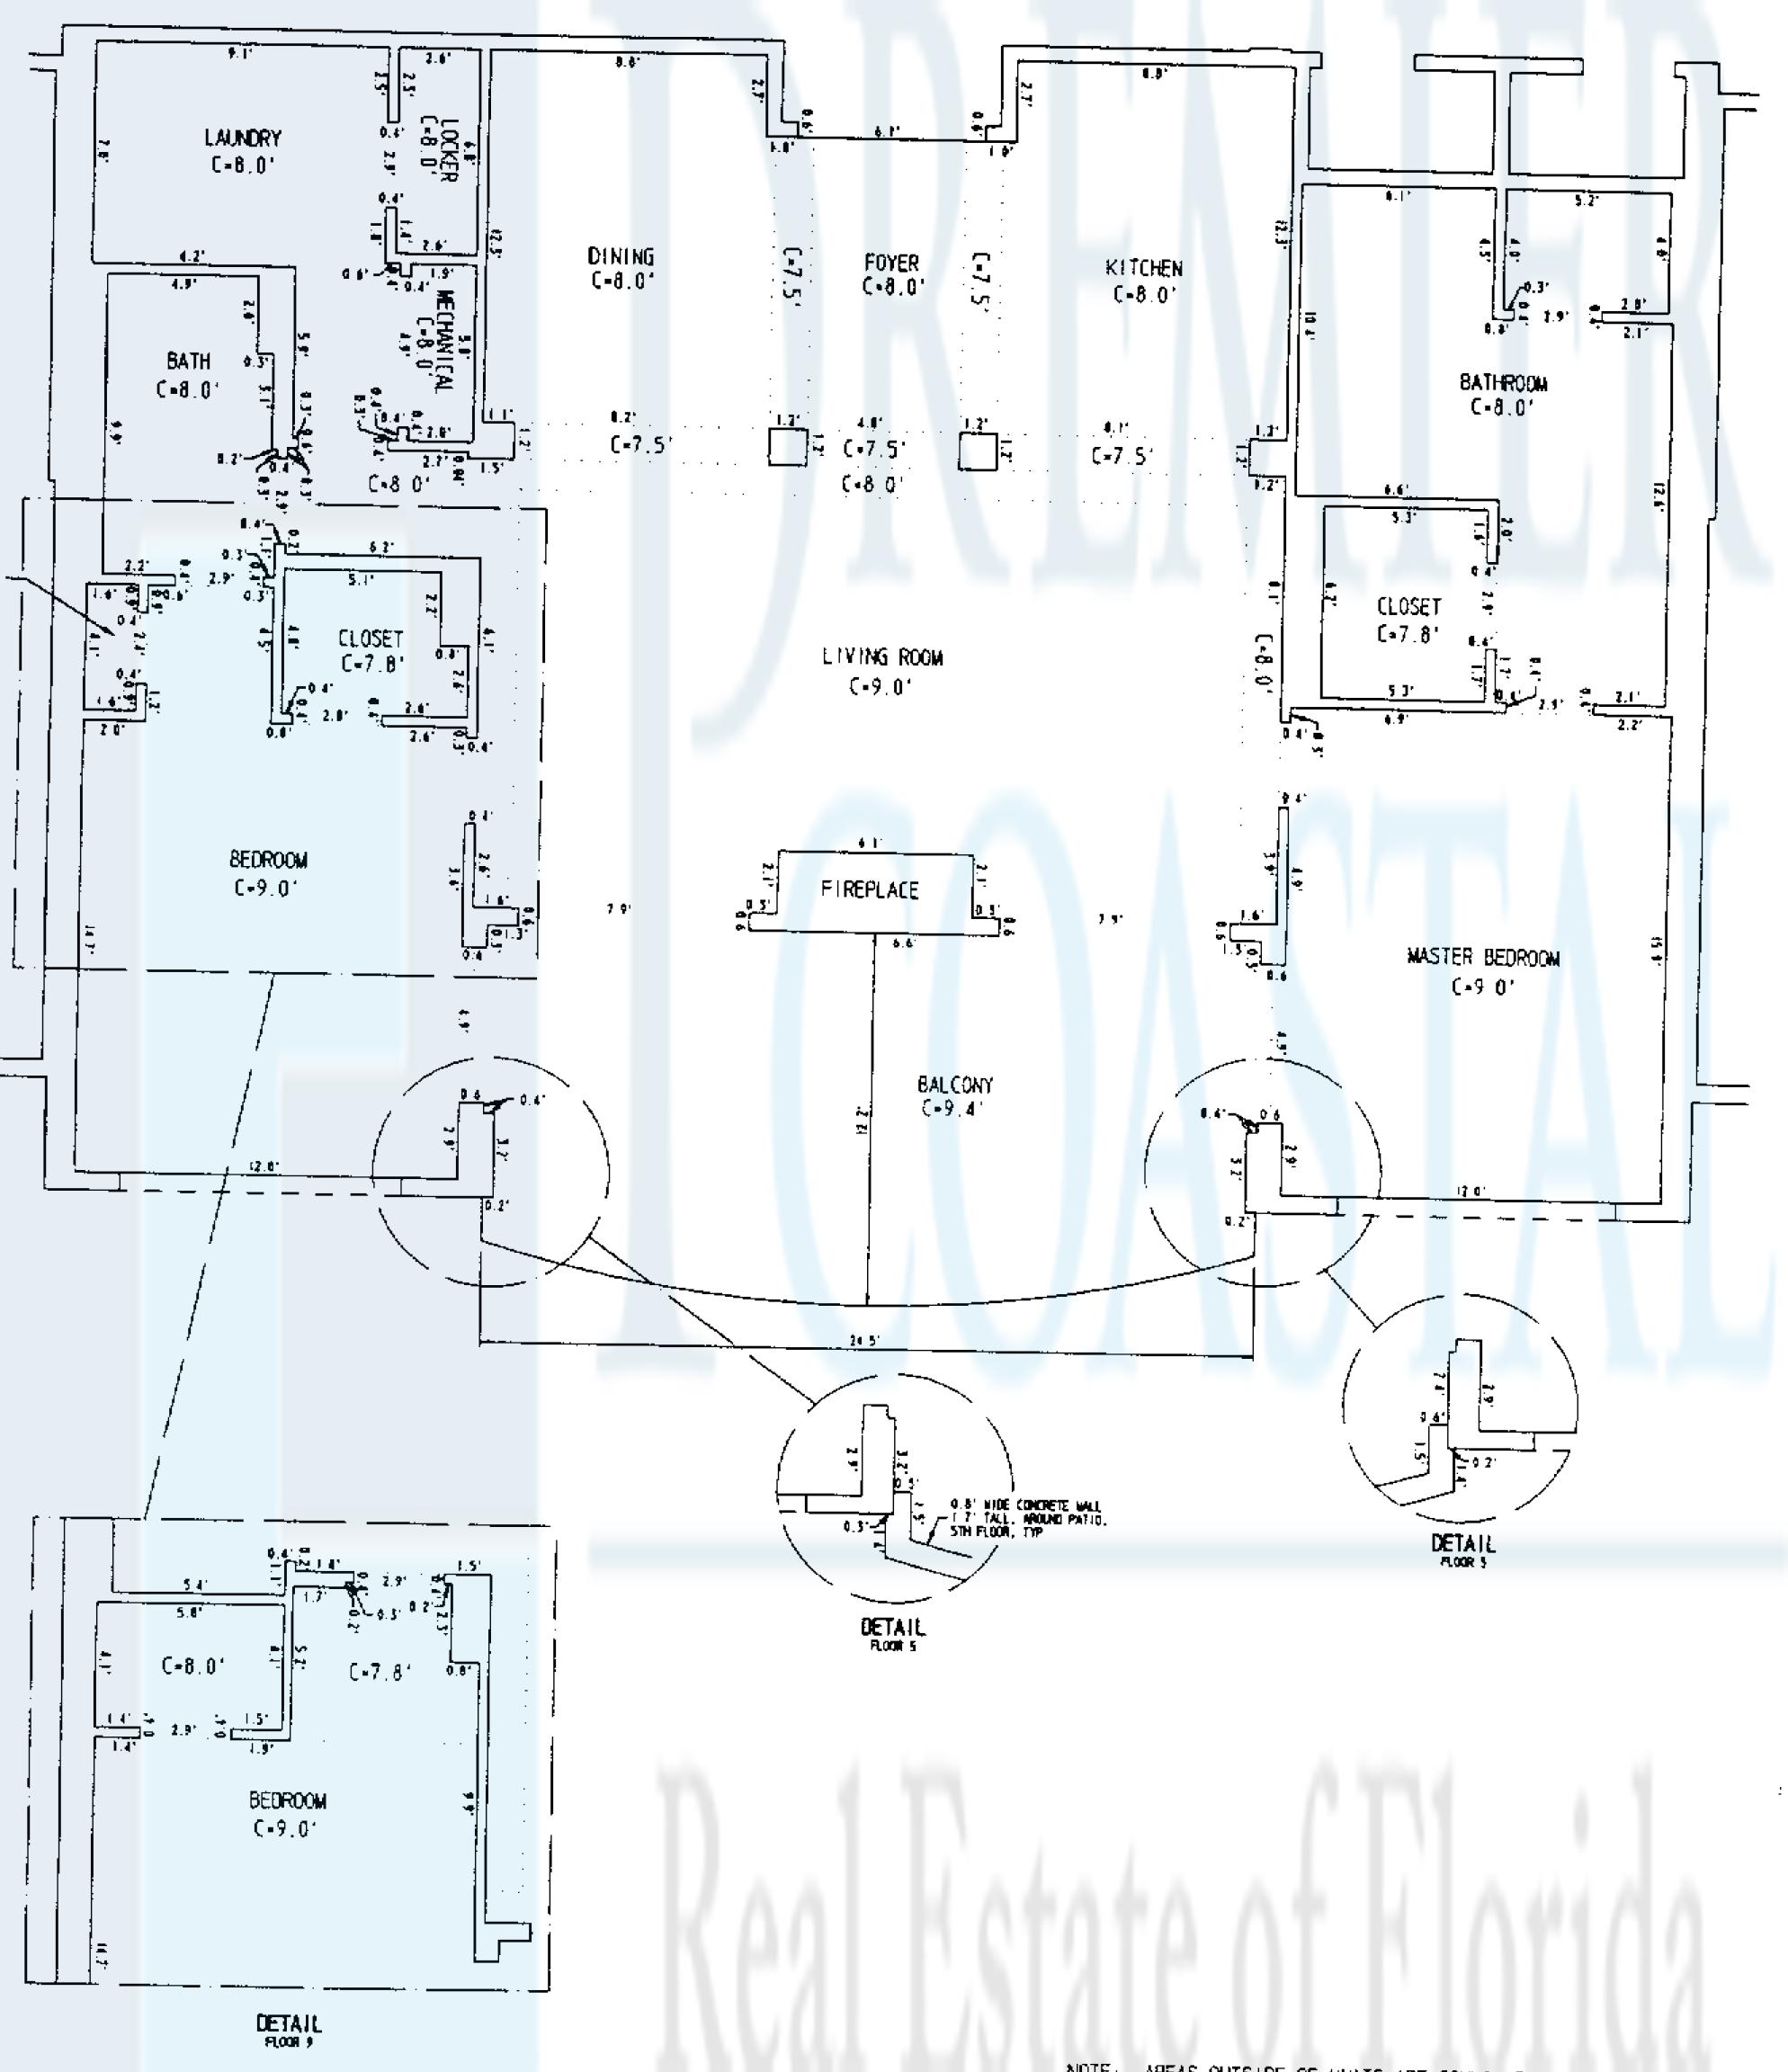 En Soleil Floor Plan B